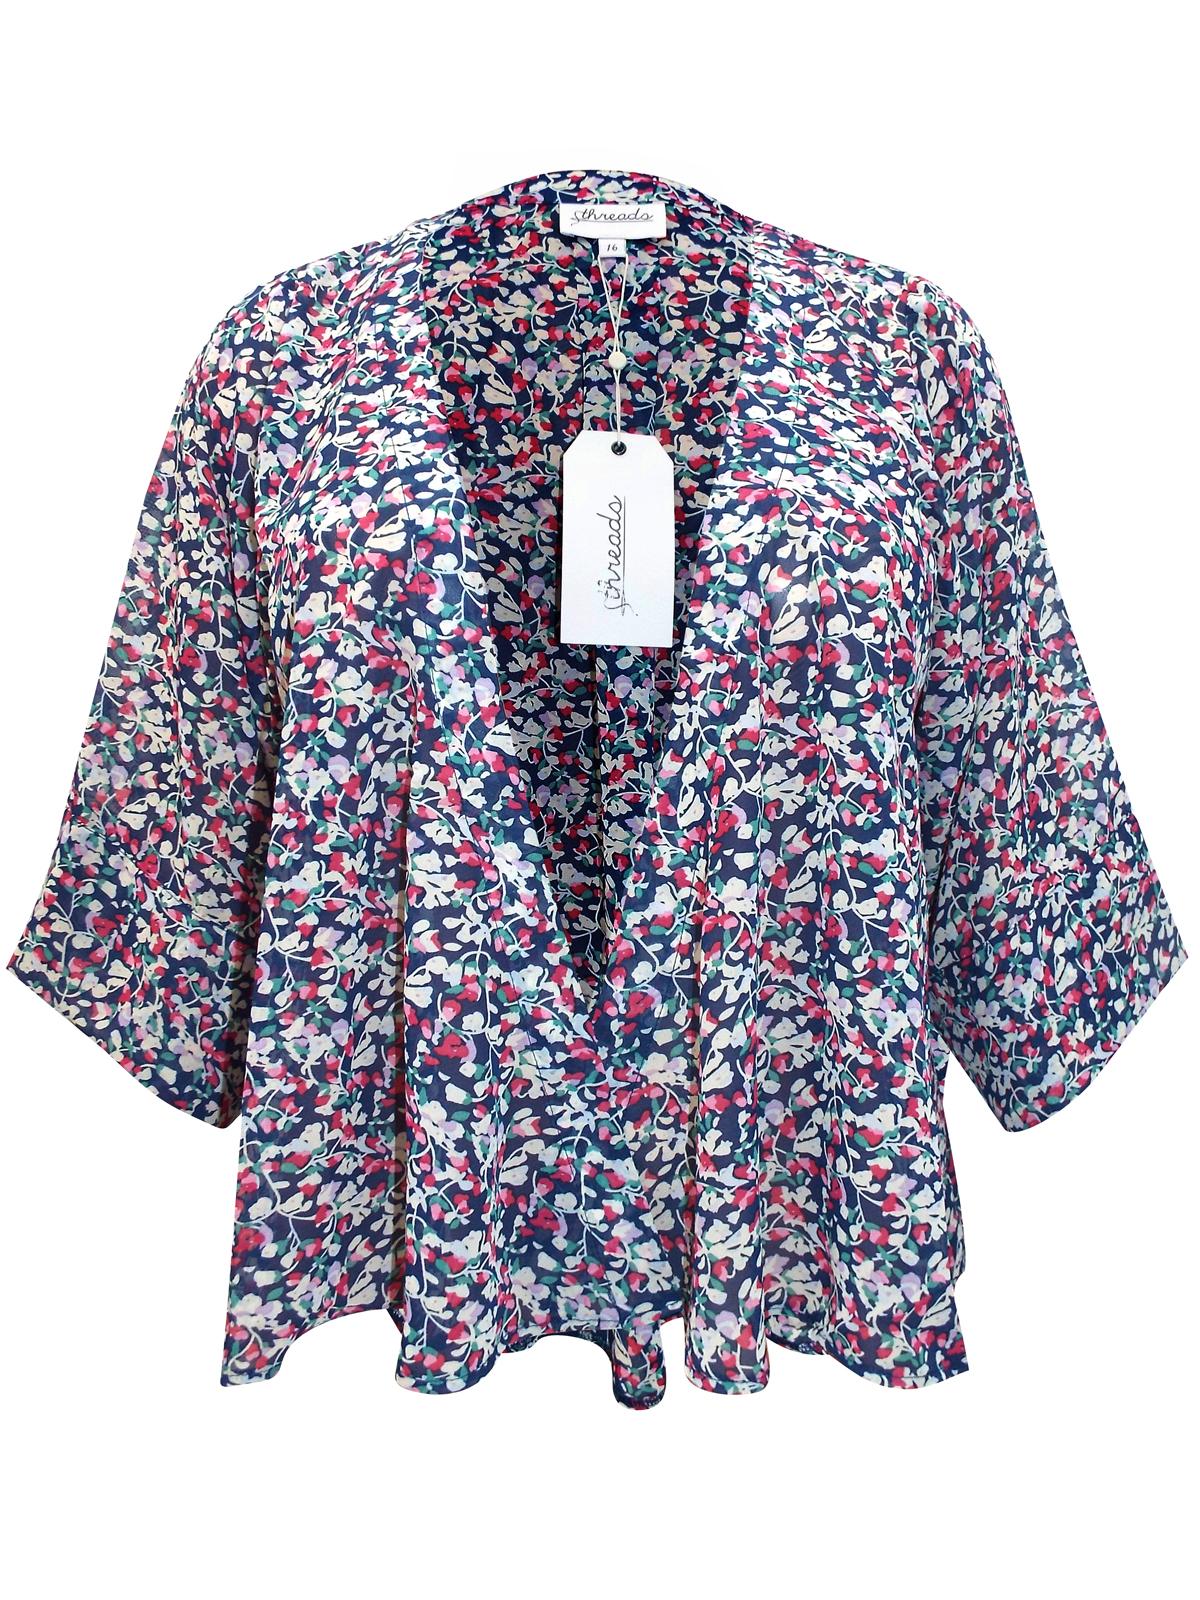 acfbb2b812 Threads - - Threads NAVY Floral Print Kimono Jacket - Plus Size 16 to 26